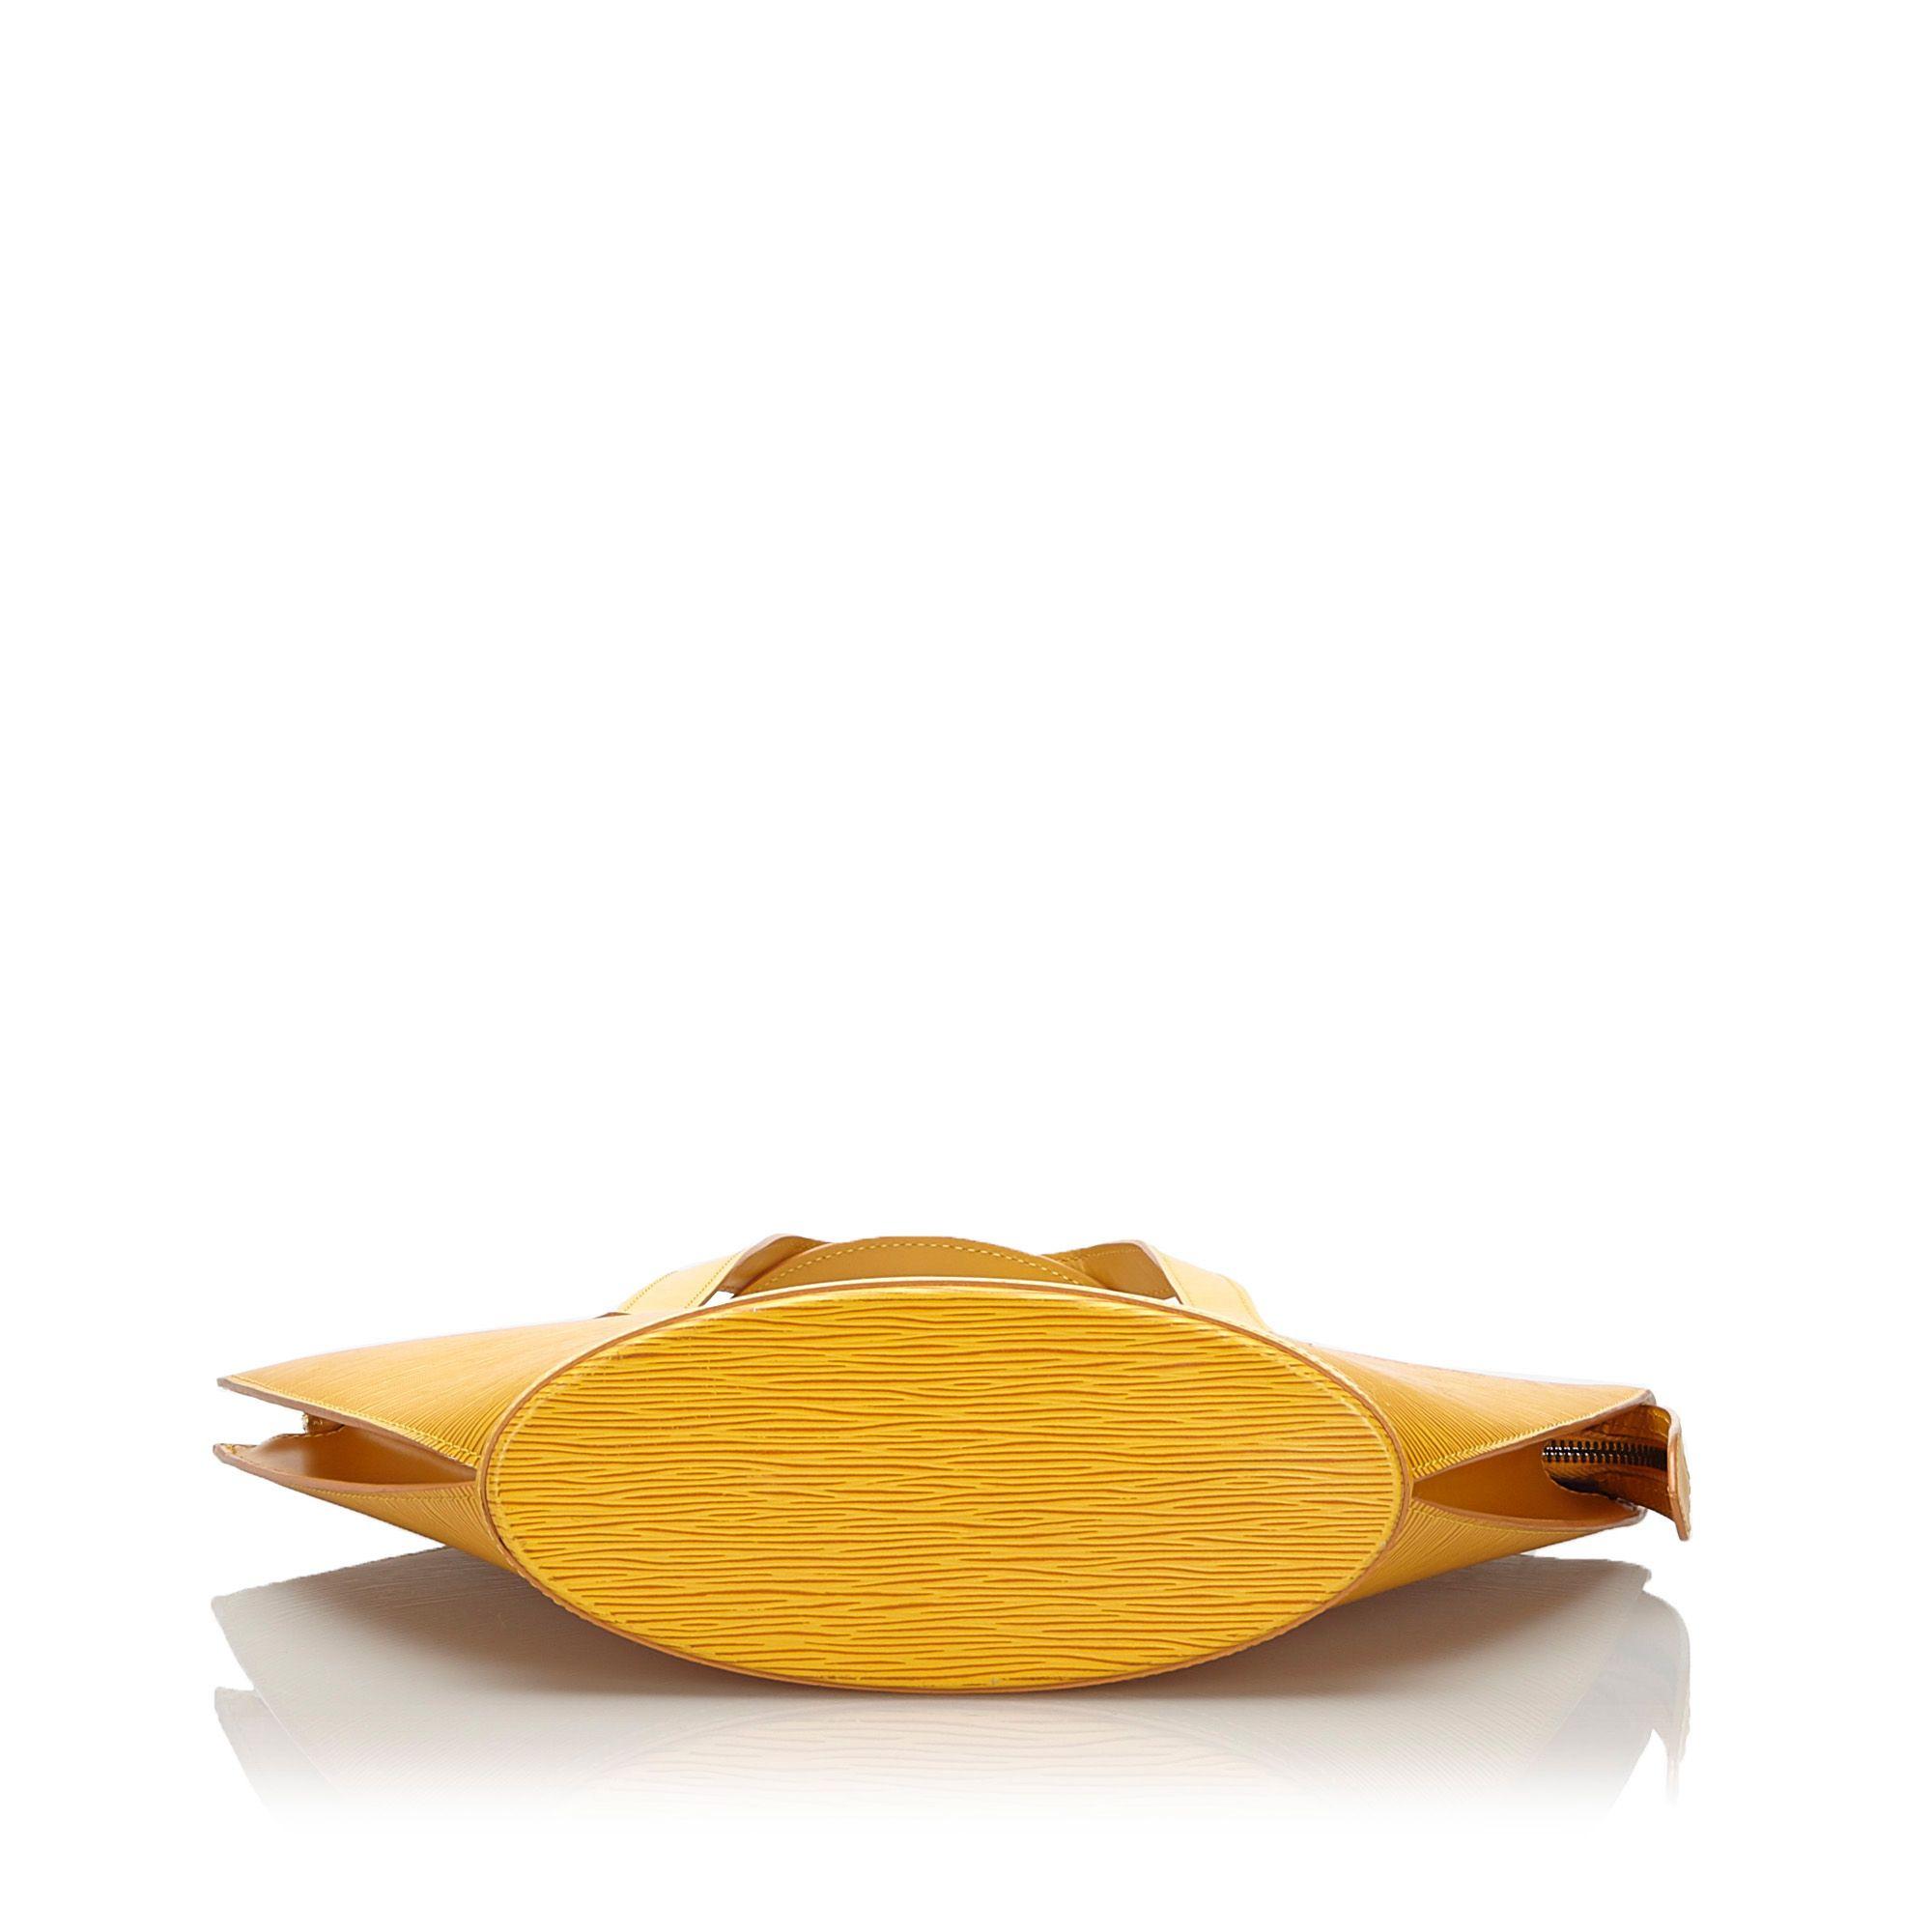 Vintage Louis Vuitton Epi Saint Jacques PM Short Strap Yellow